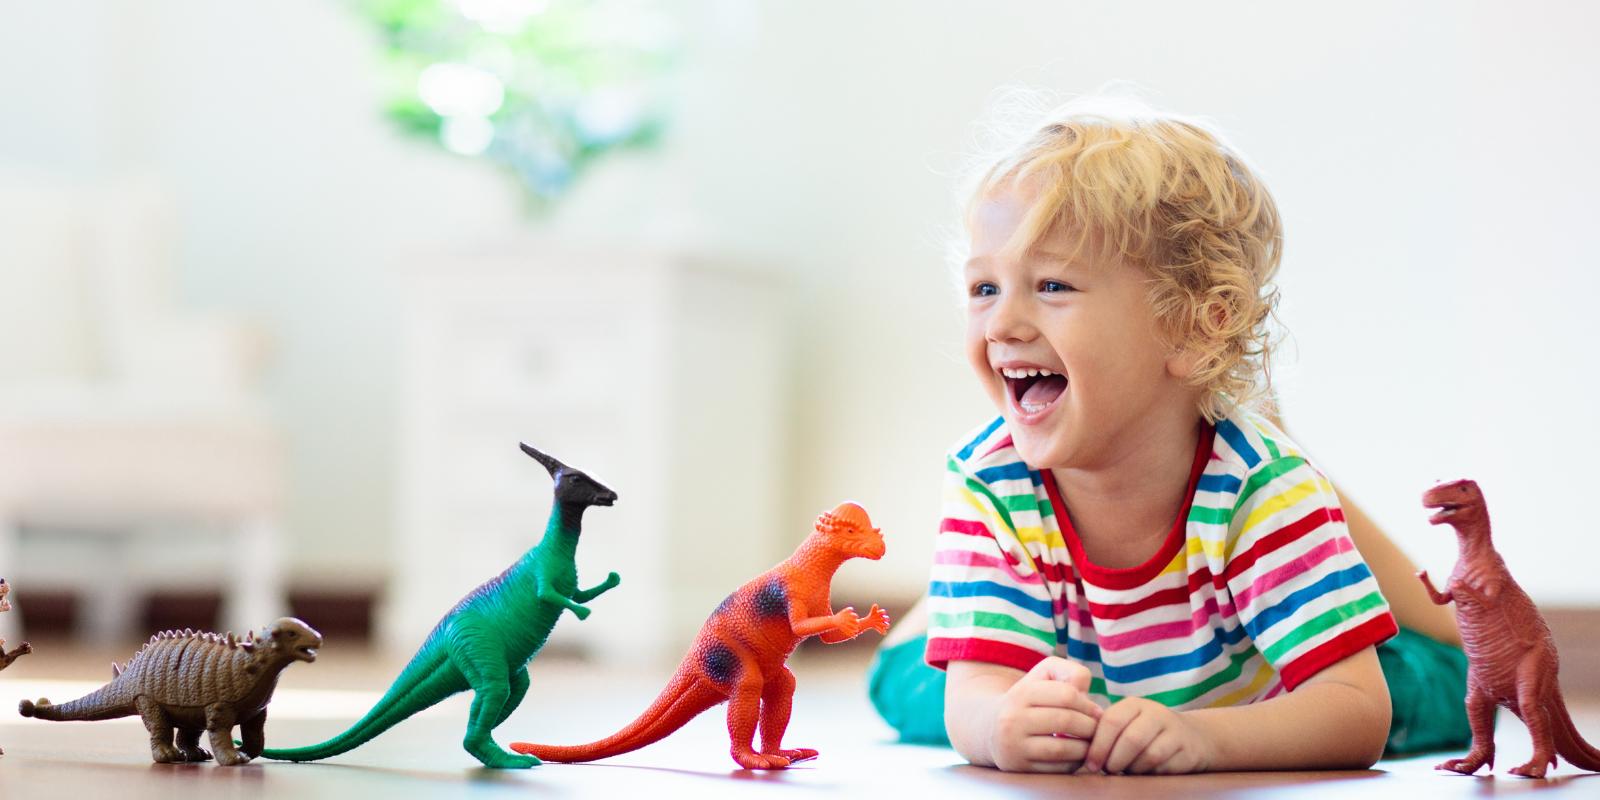 Rolul jucariilor in viata copiilor